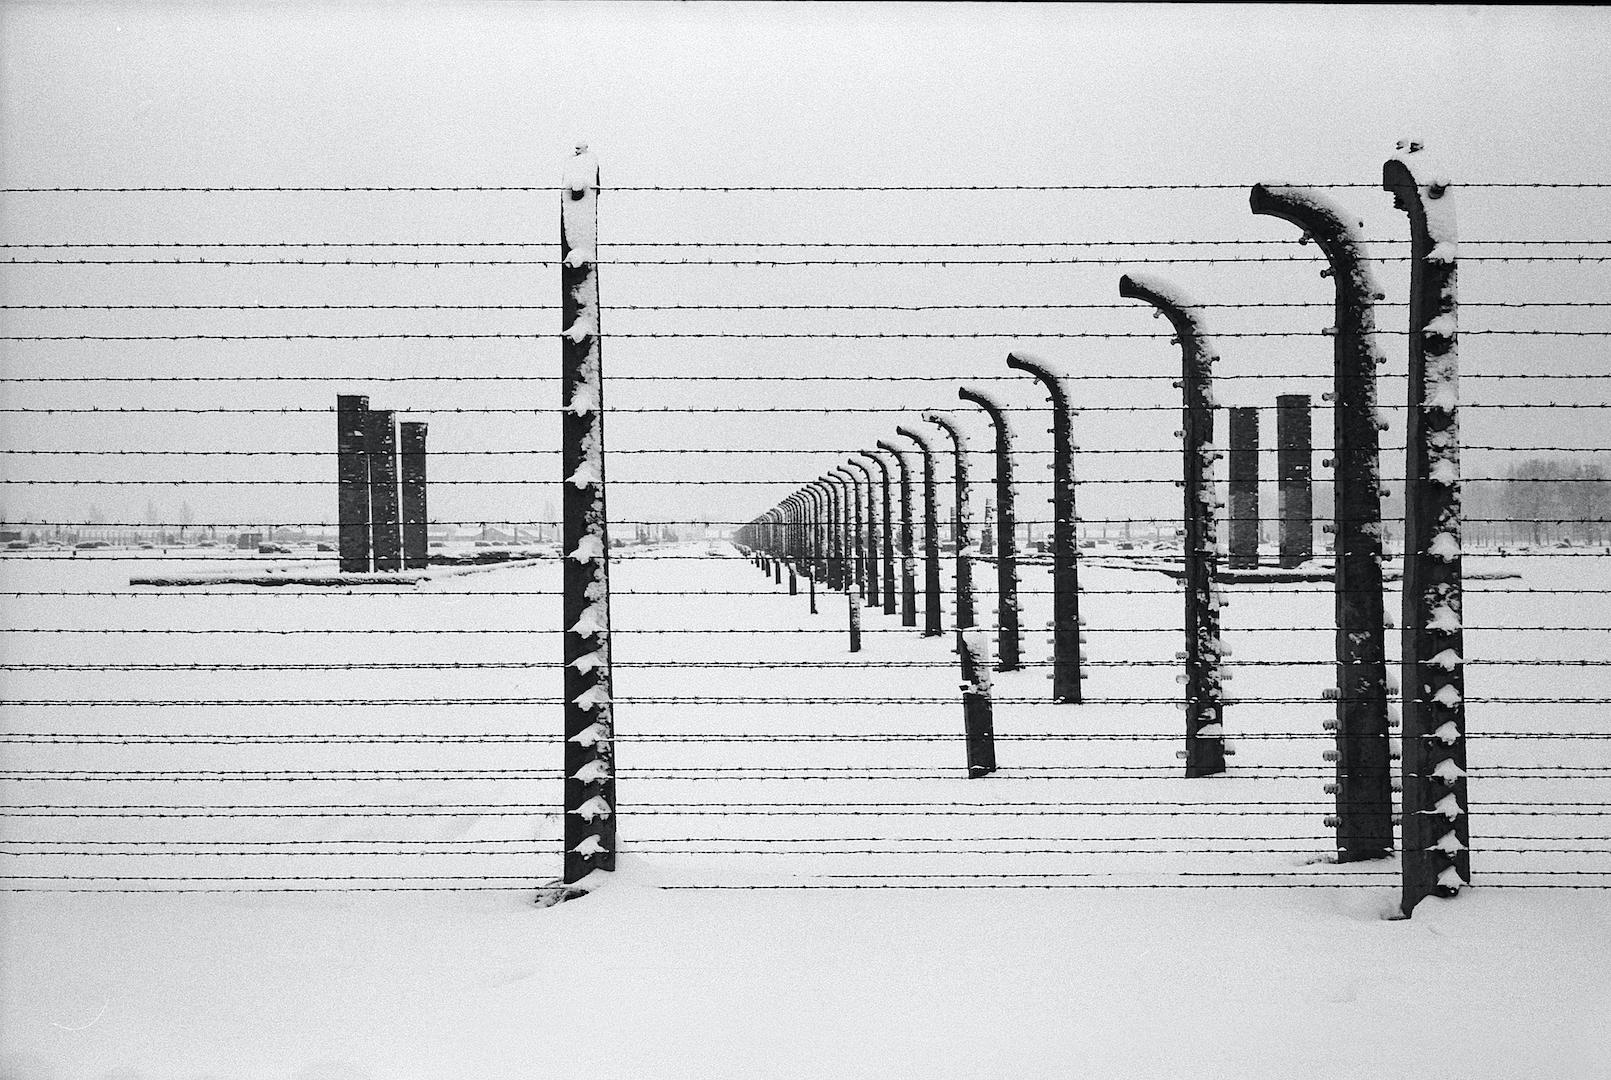 Giornata della memoria - Auschwitz - Foto di Danilo Balducci - Tutti i diritti riservati